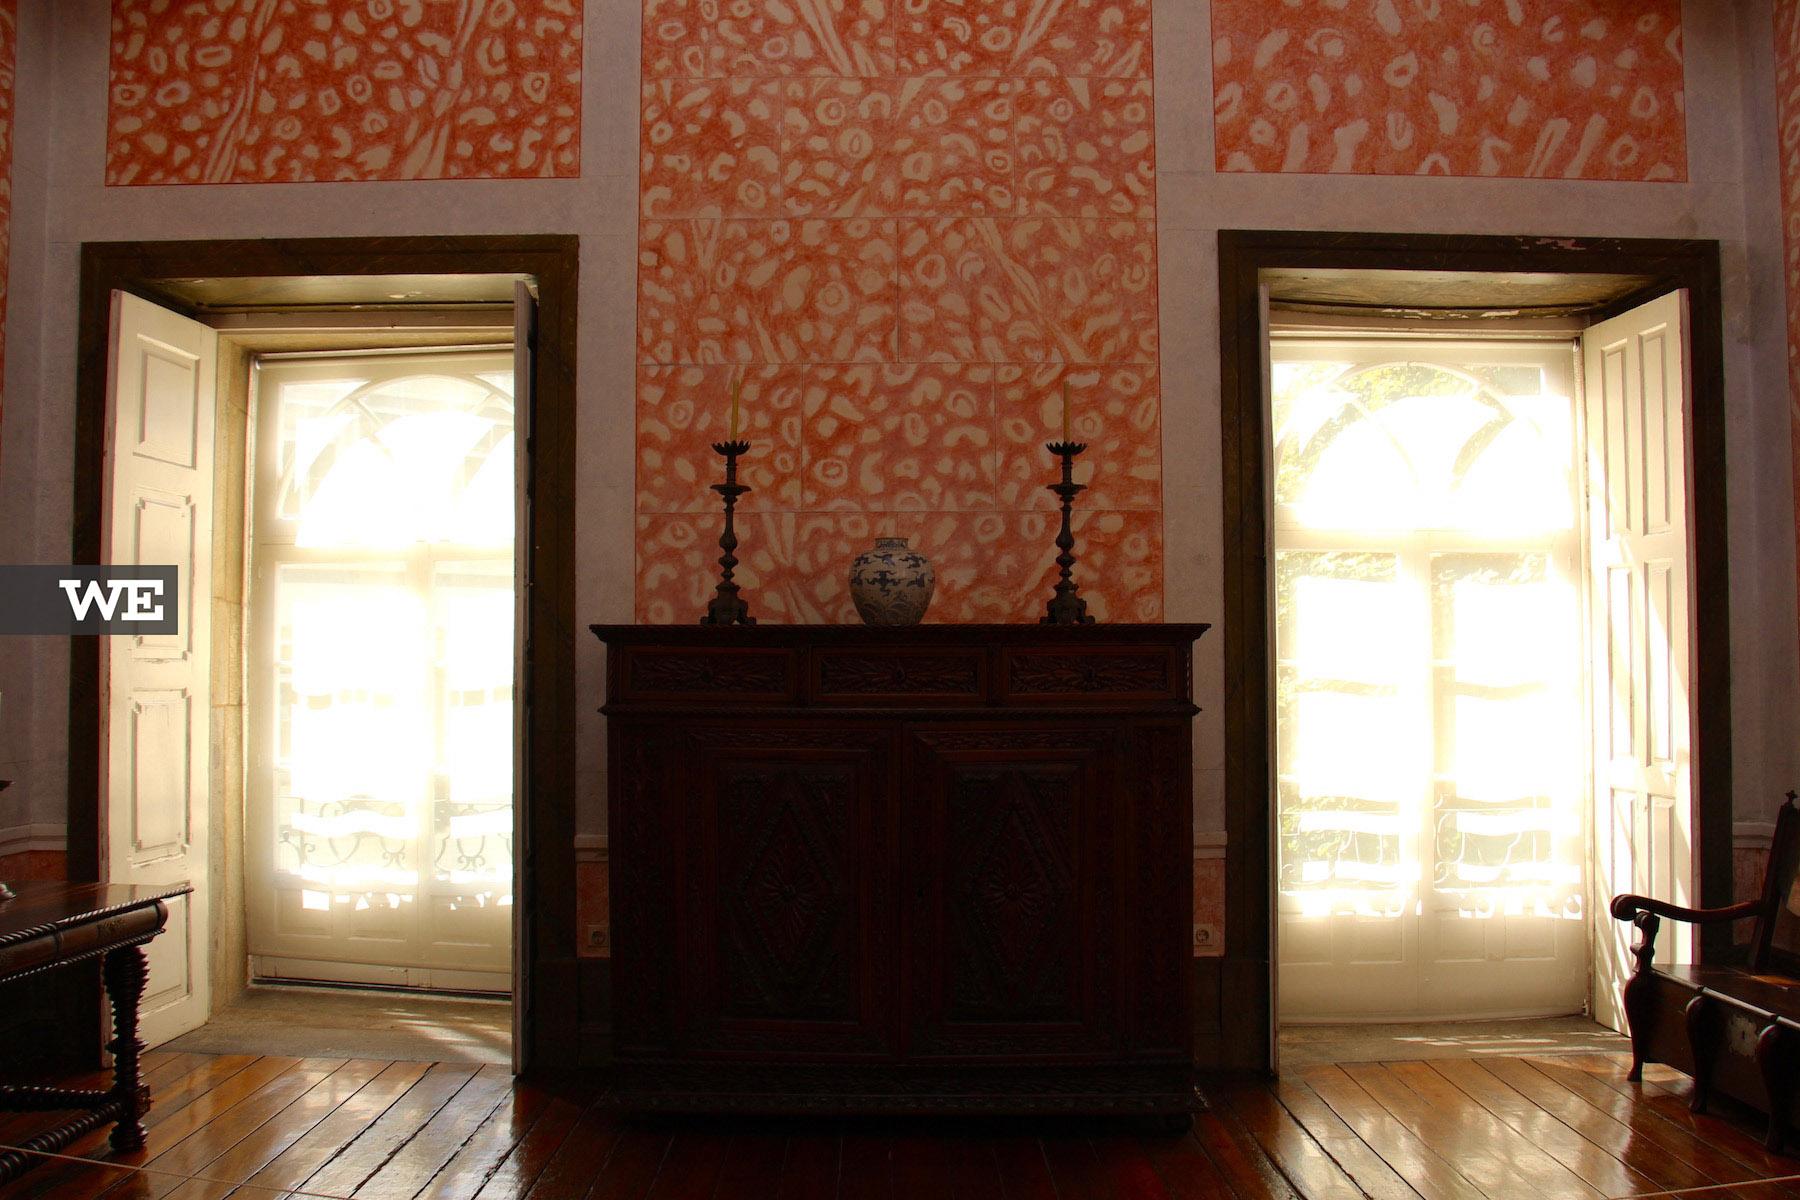 we-braga-museu-biscainhos (5)